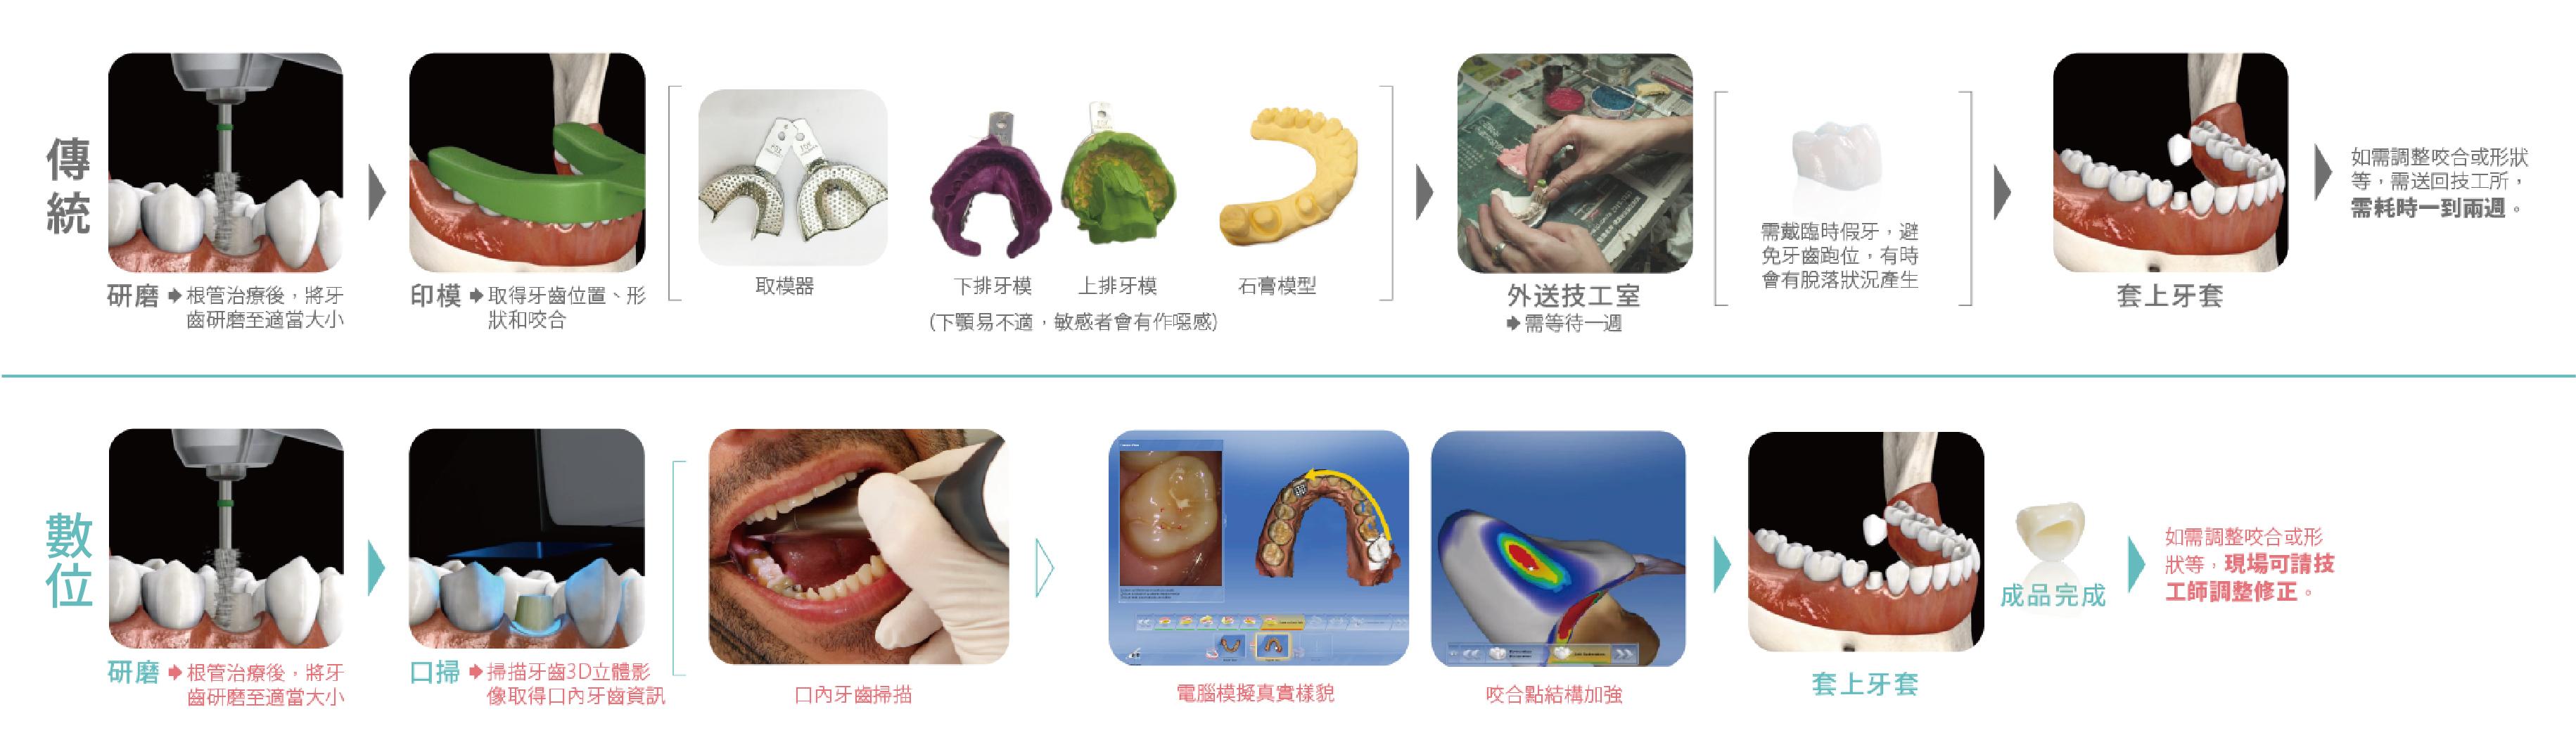 全瓷冠價格-數位全瓷冠與傳統瓷牙牙套的製作流程比較